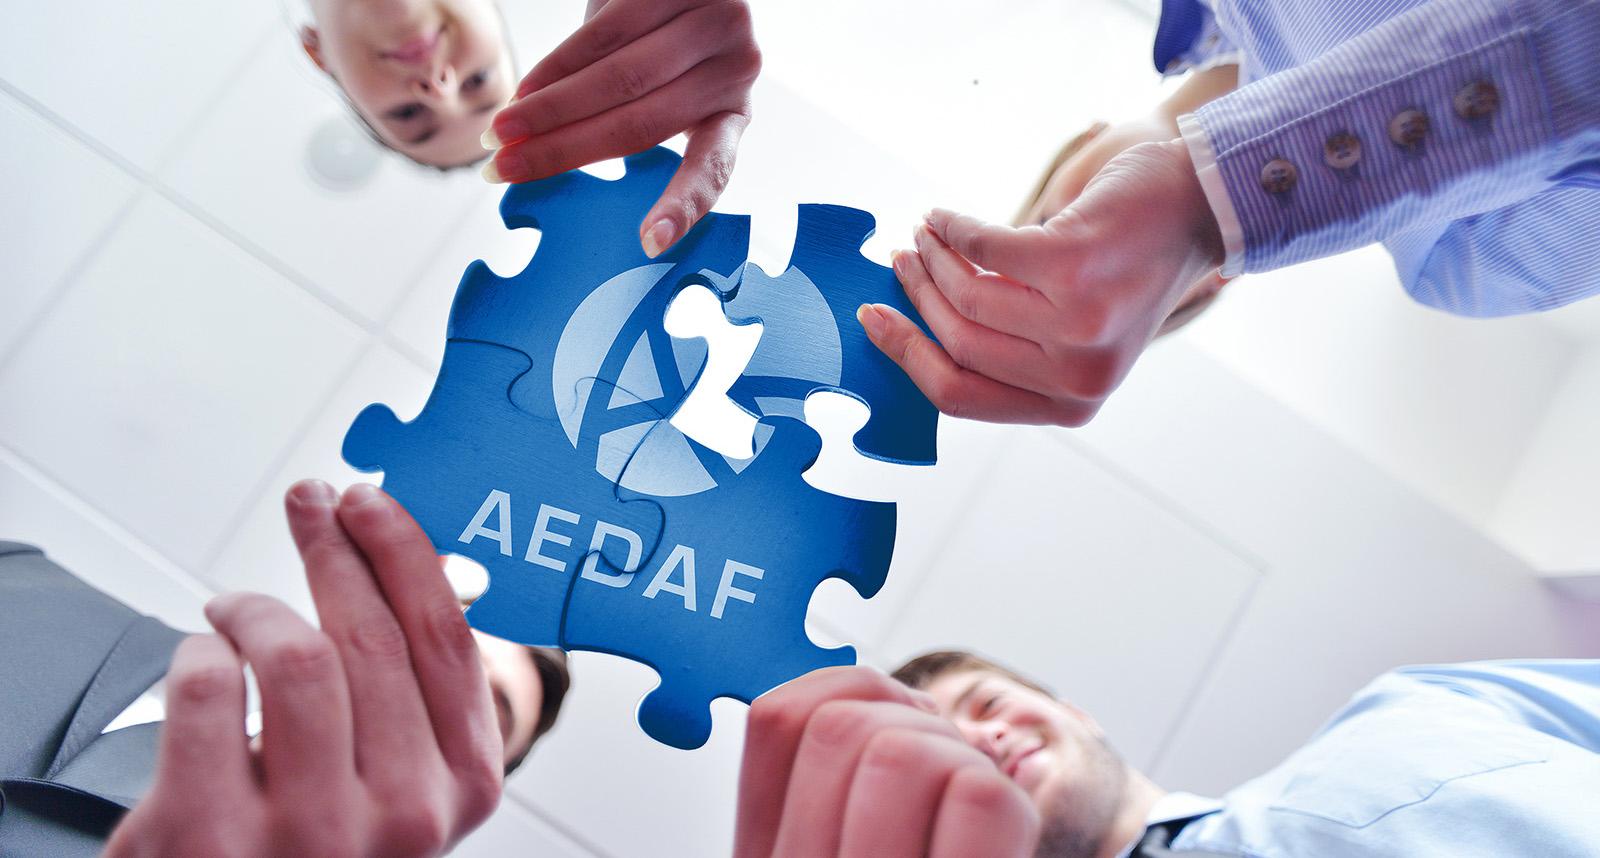 Puzzle AEDAF